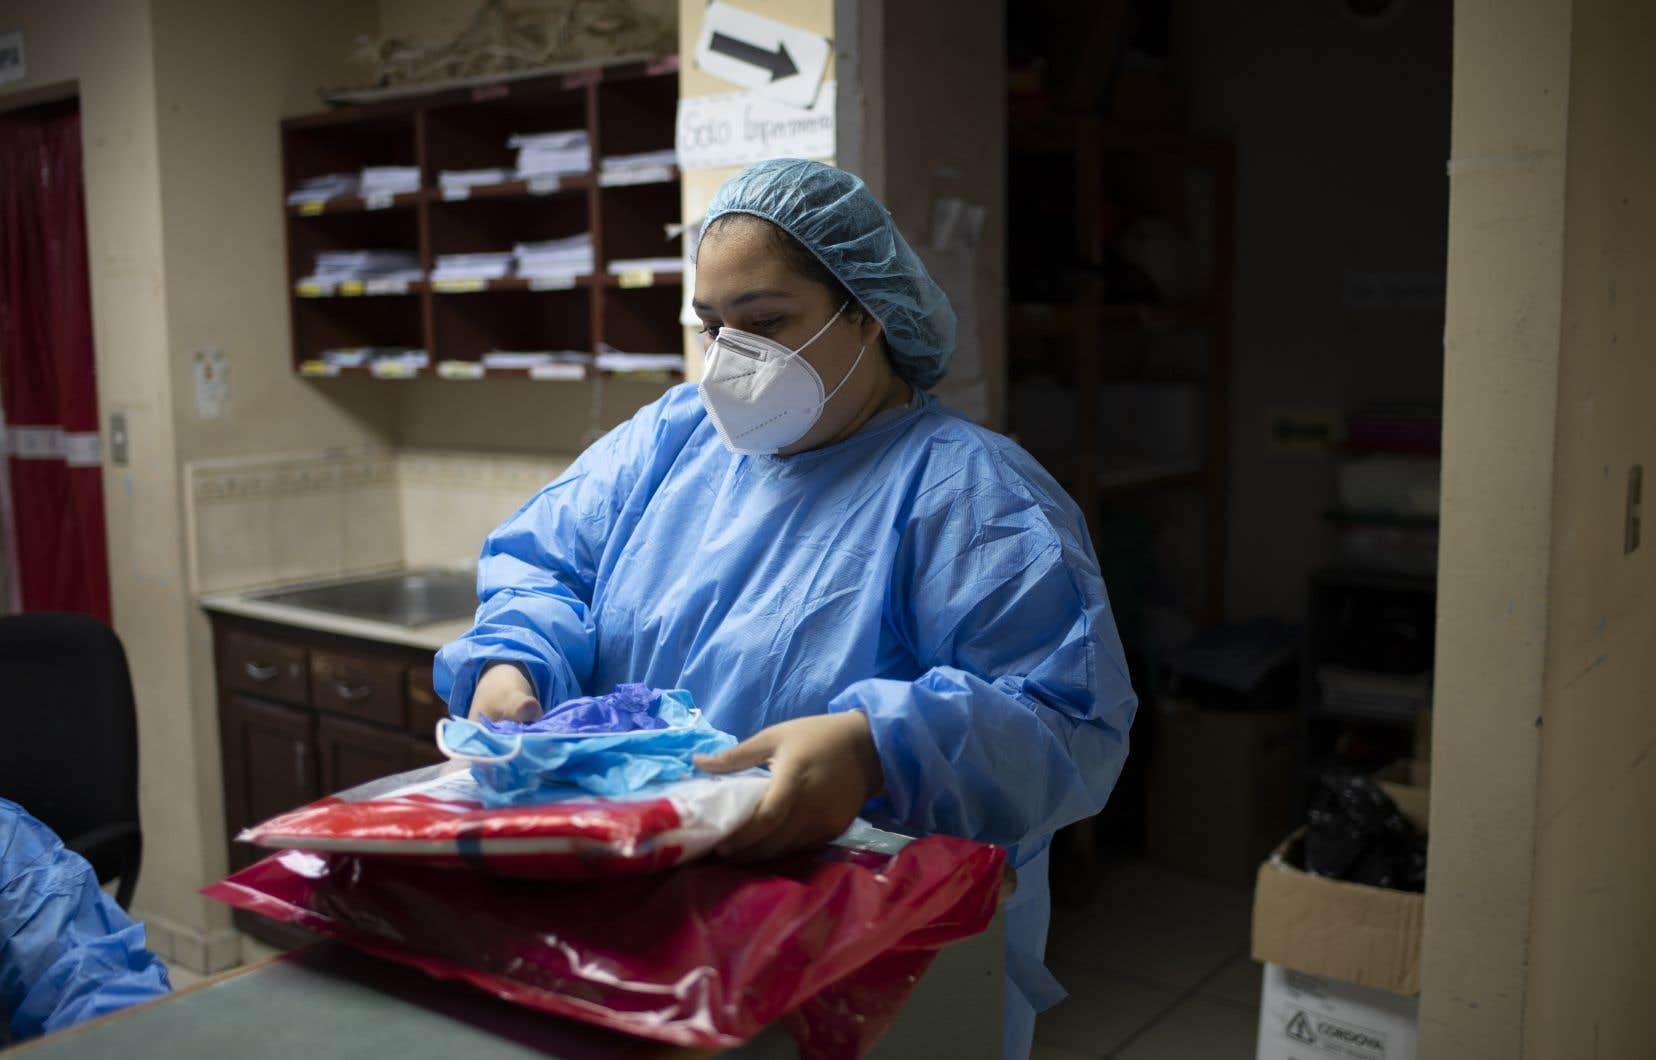 Les travailleuses de la santé ont été privées de congés et de vacances, se sont fait imposer de longues heures supplémentaires et rabrouer quand elles s'absentaient.